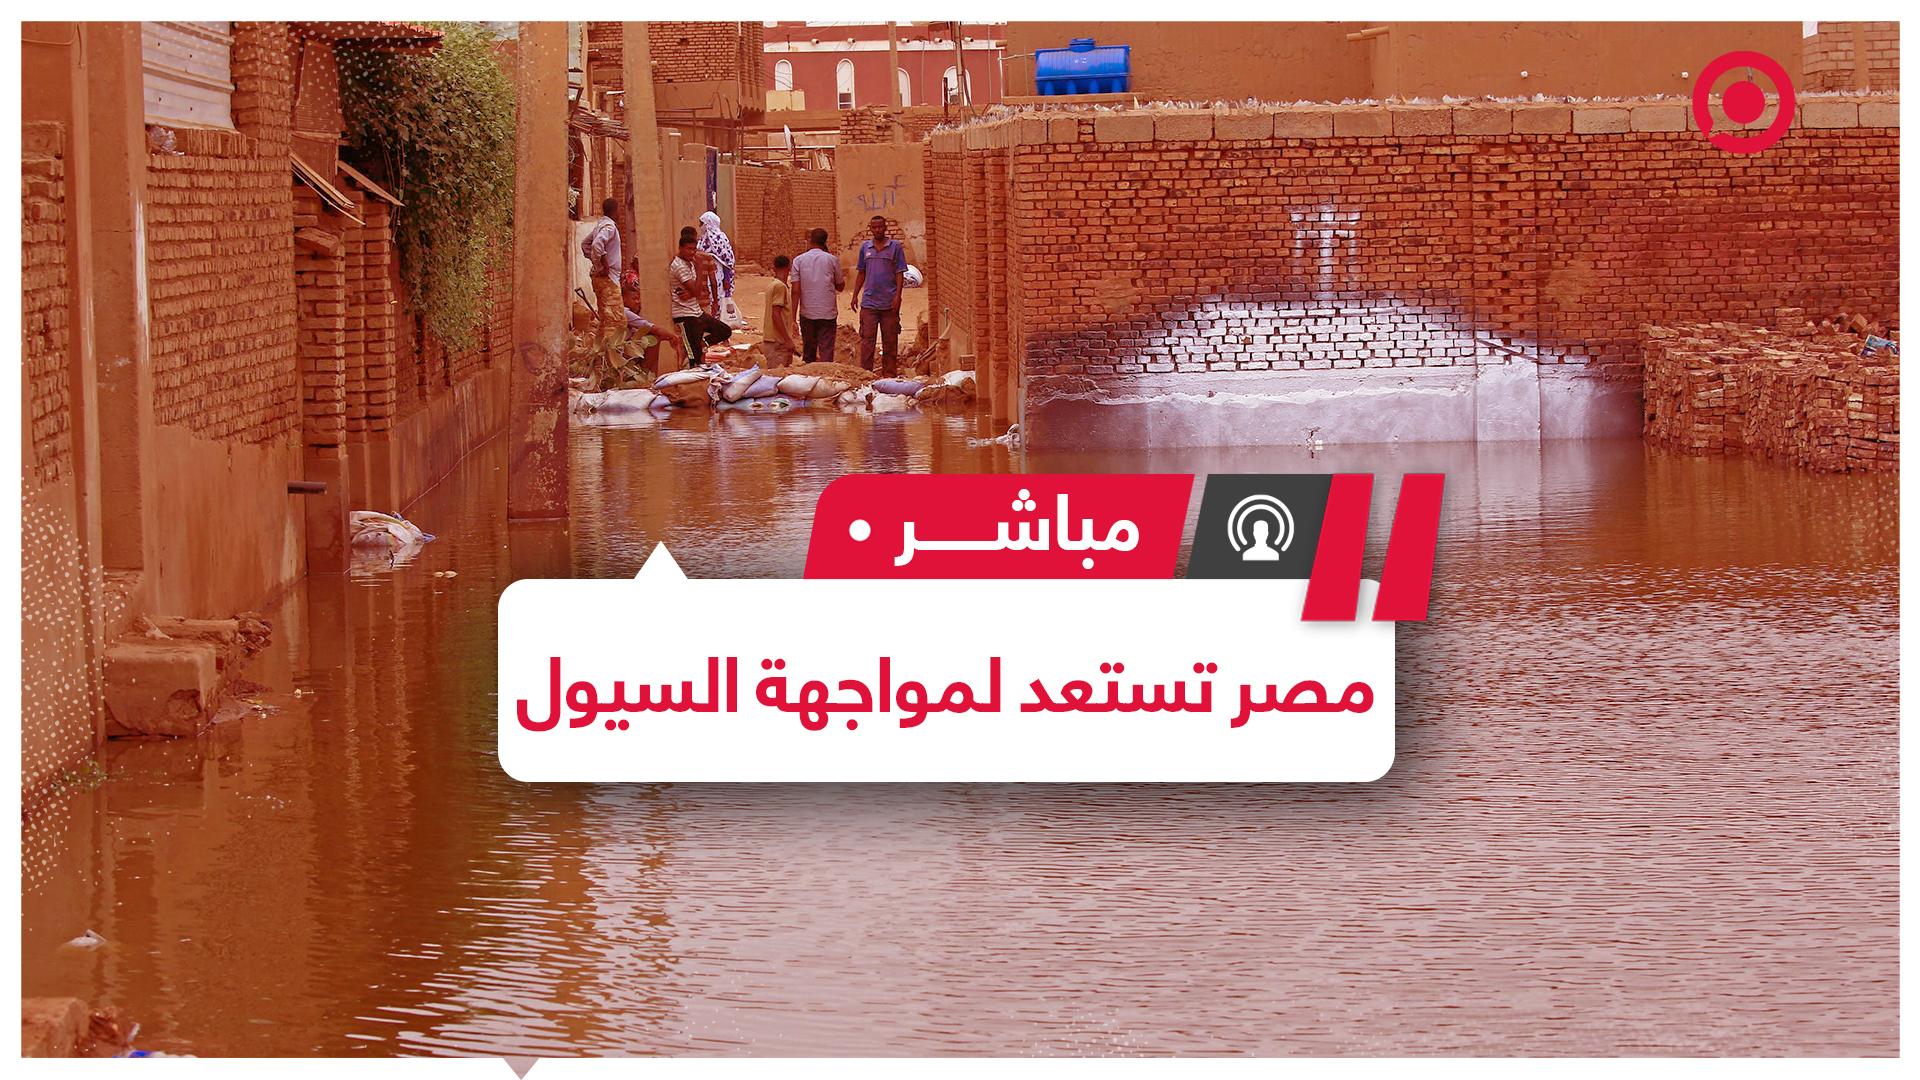 مصر تستعد لمواجهة السيول والأمطار الغزيرة المحتملة